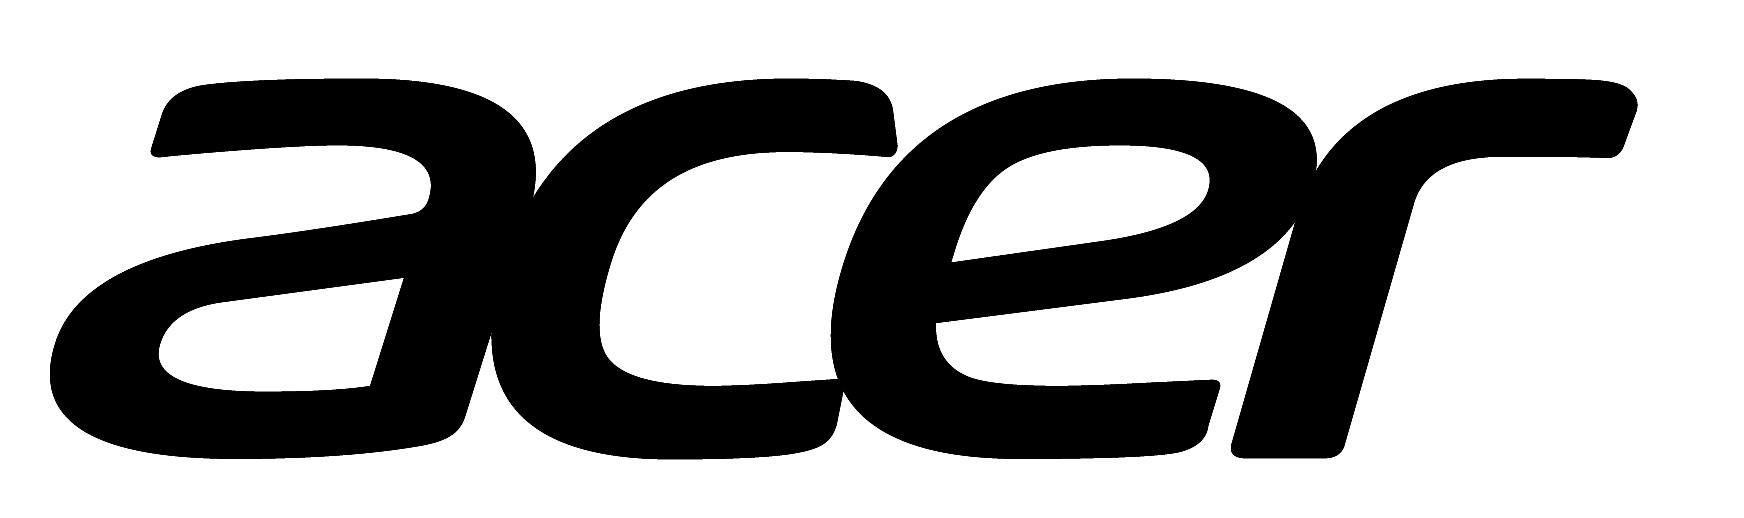 acer-png-acer-logo-png-1744.png